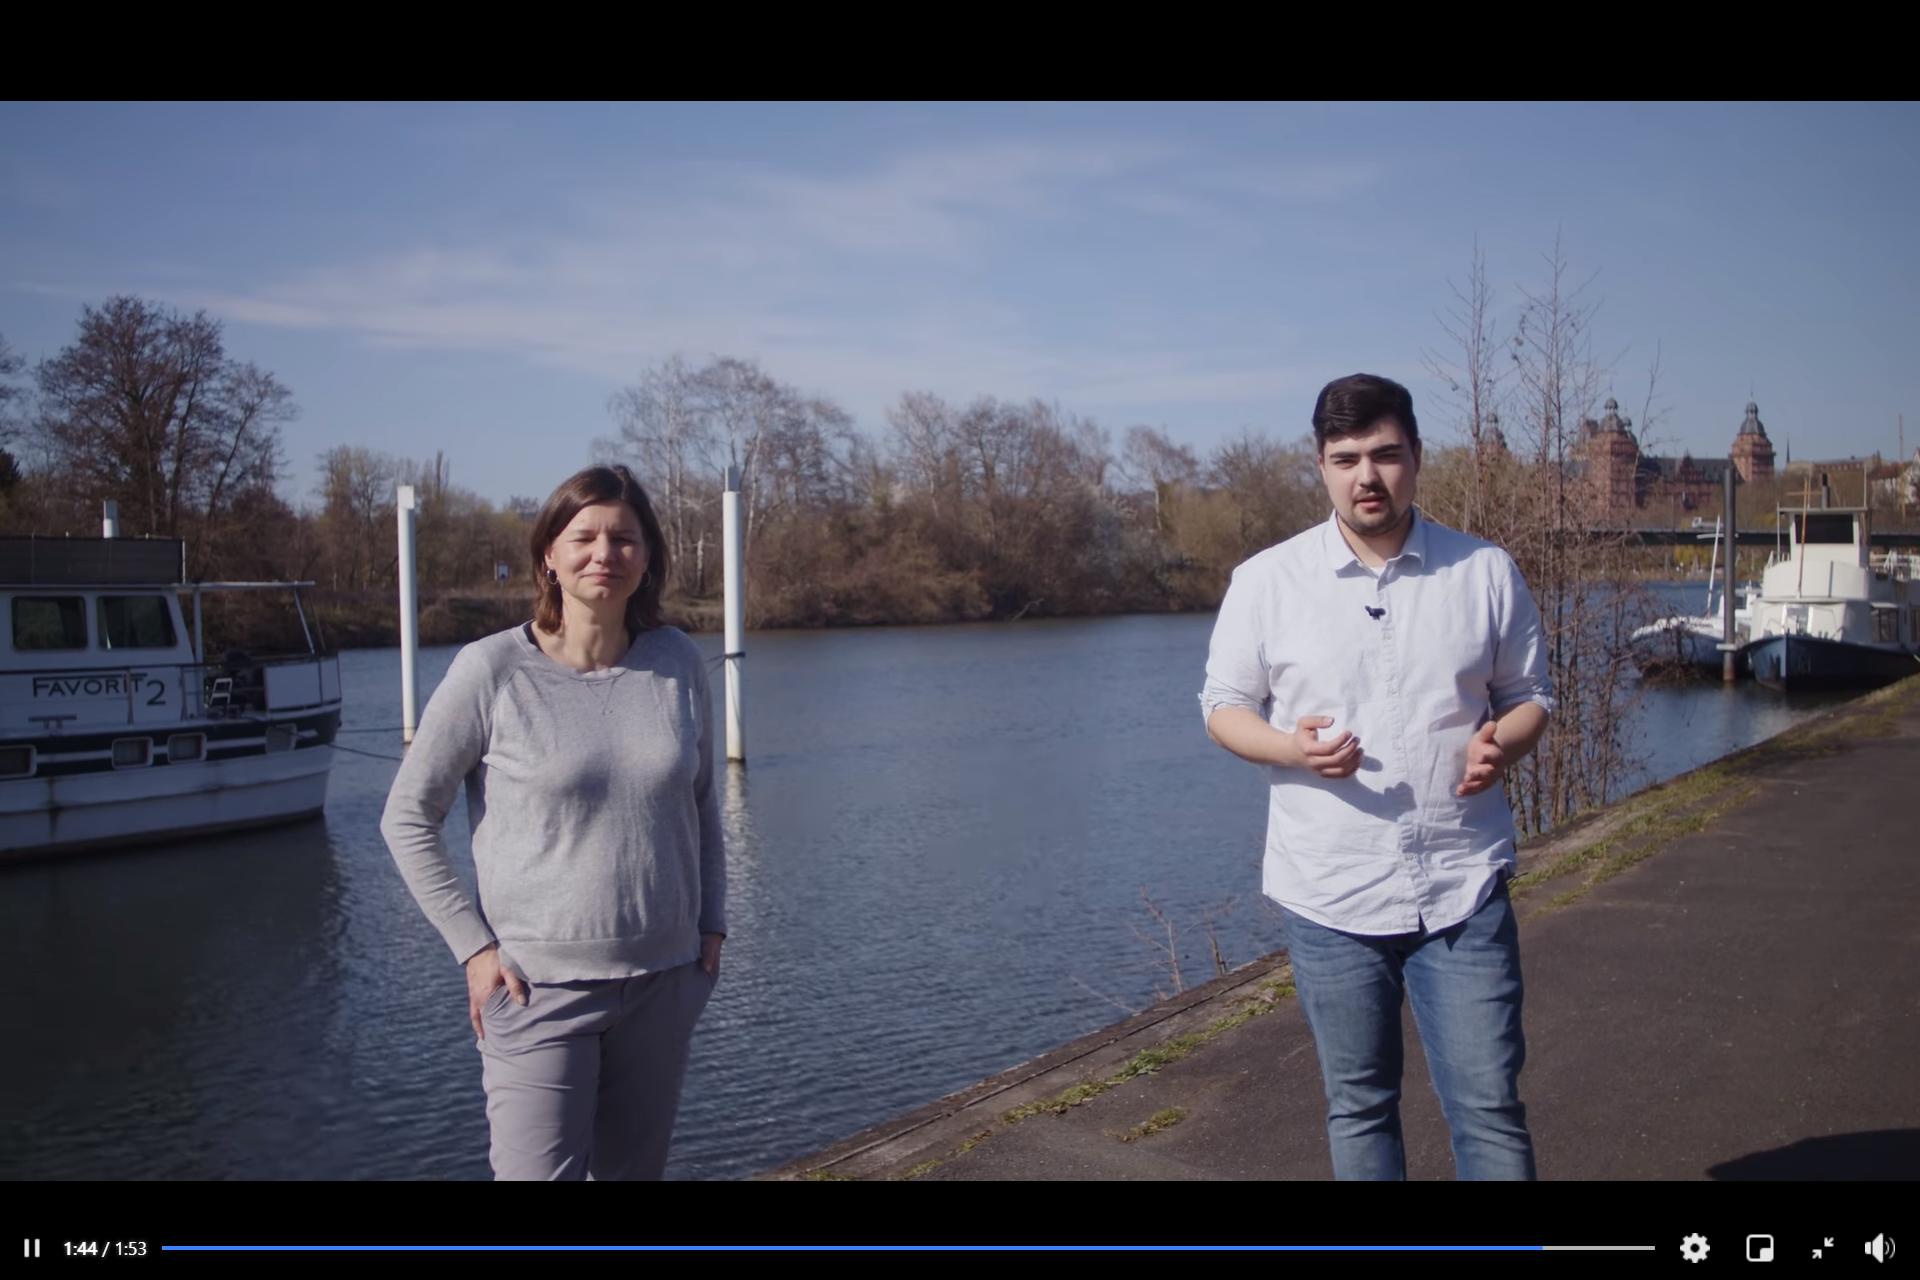 Dr. Manuela Rottmann und Niklas Wagener: Ein starkes Team – für Unterfranken nach Berlin!